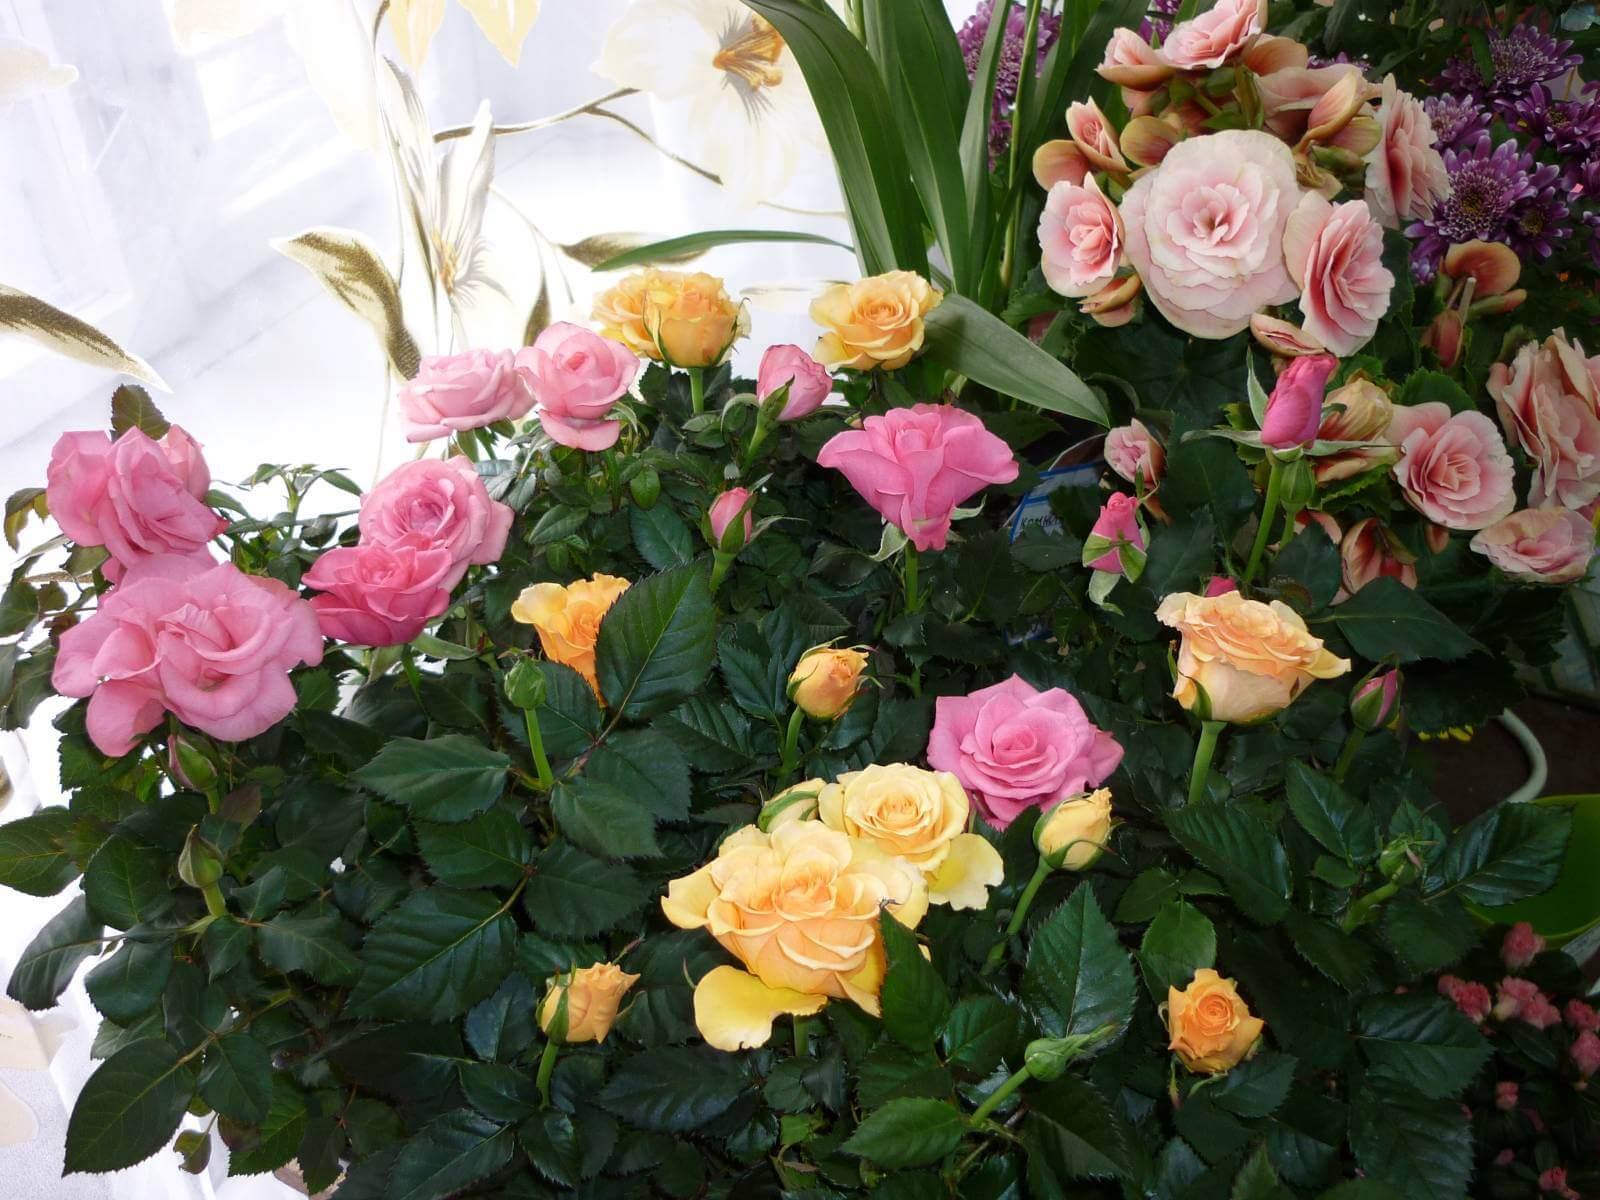 Домашняя роза: уход за ней, посадка и специфический полив